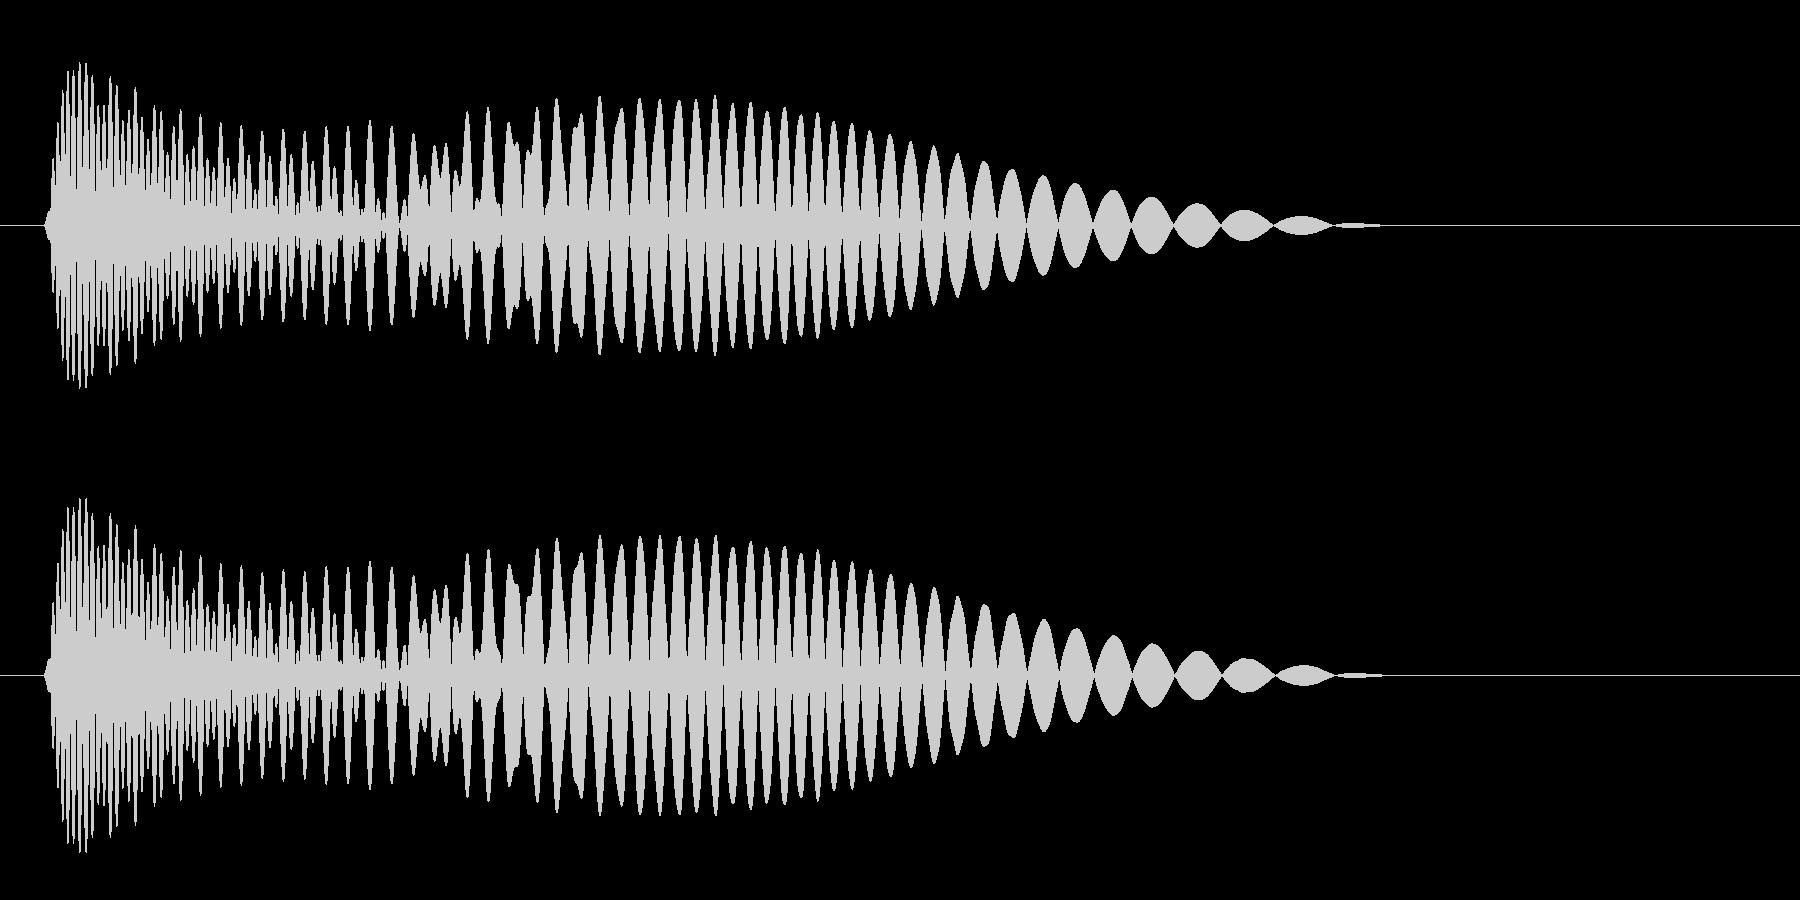 ポォォン(コミカル)の未再生の波形